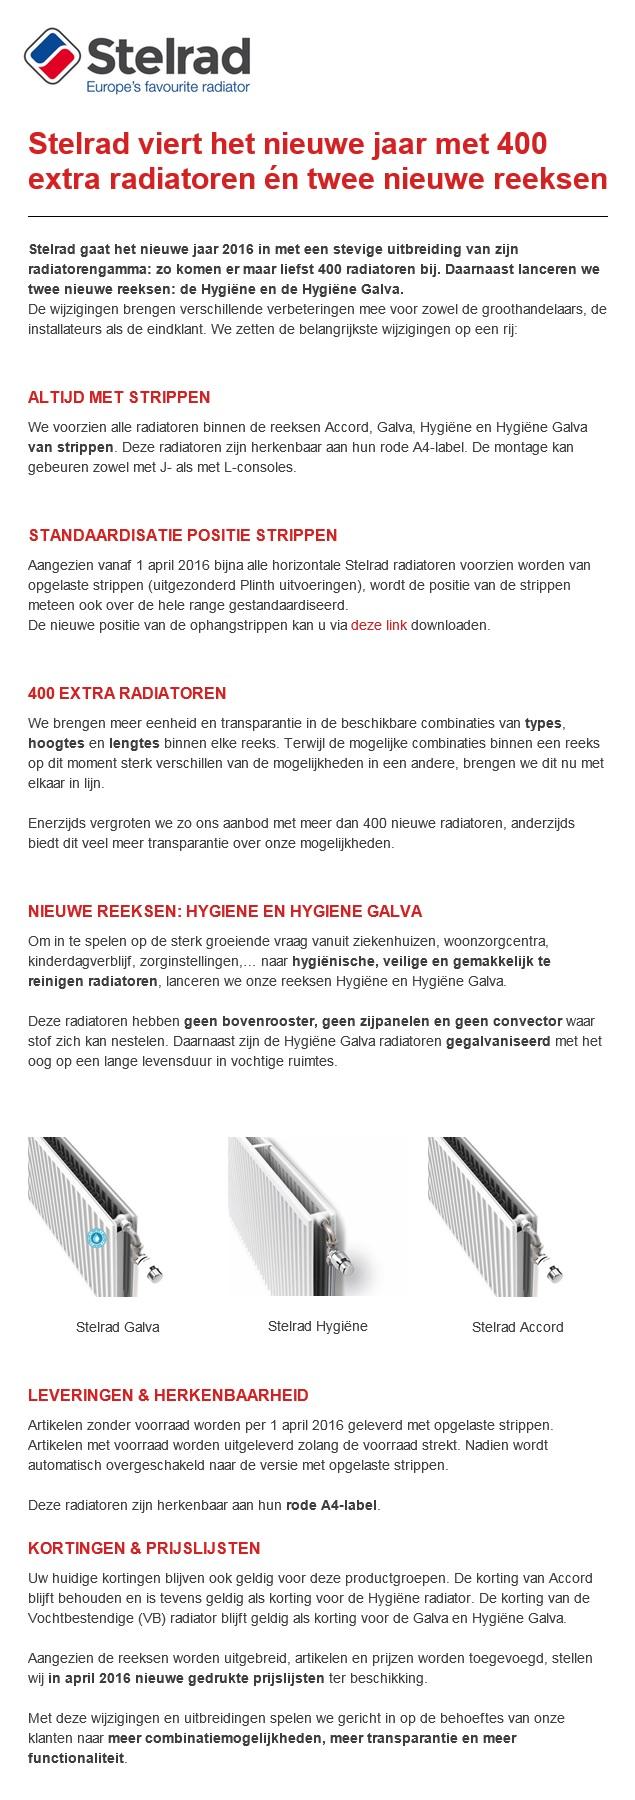 Stelrad_galva_nl